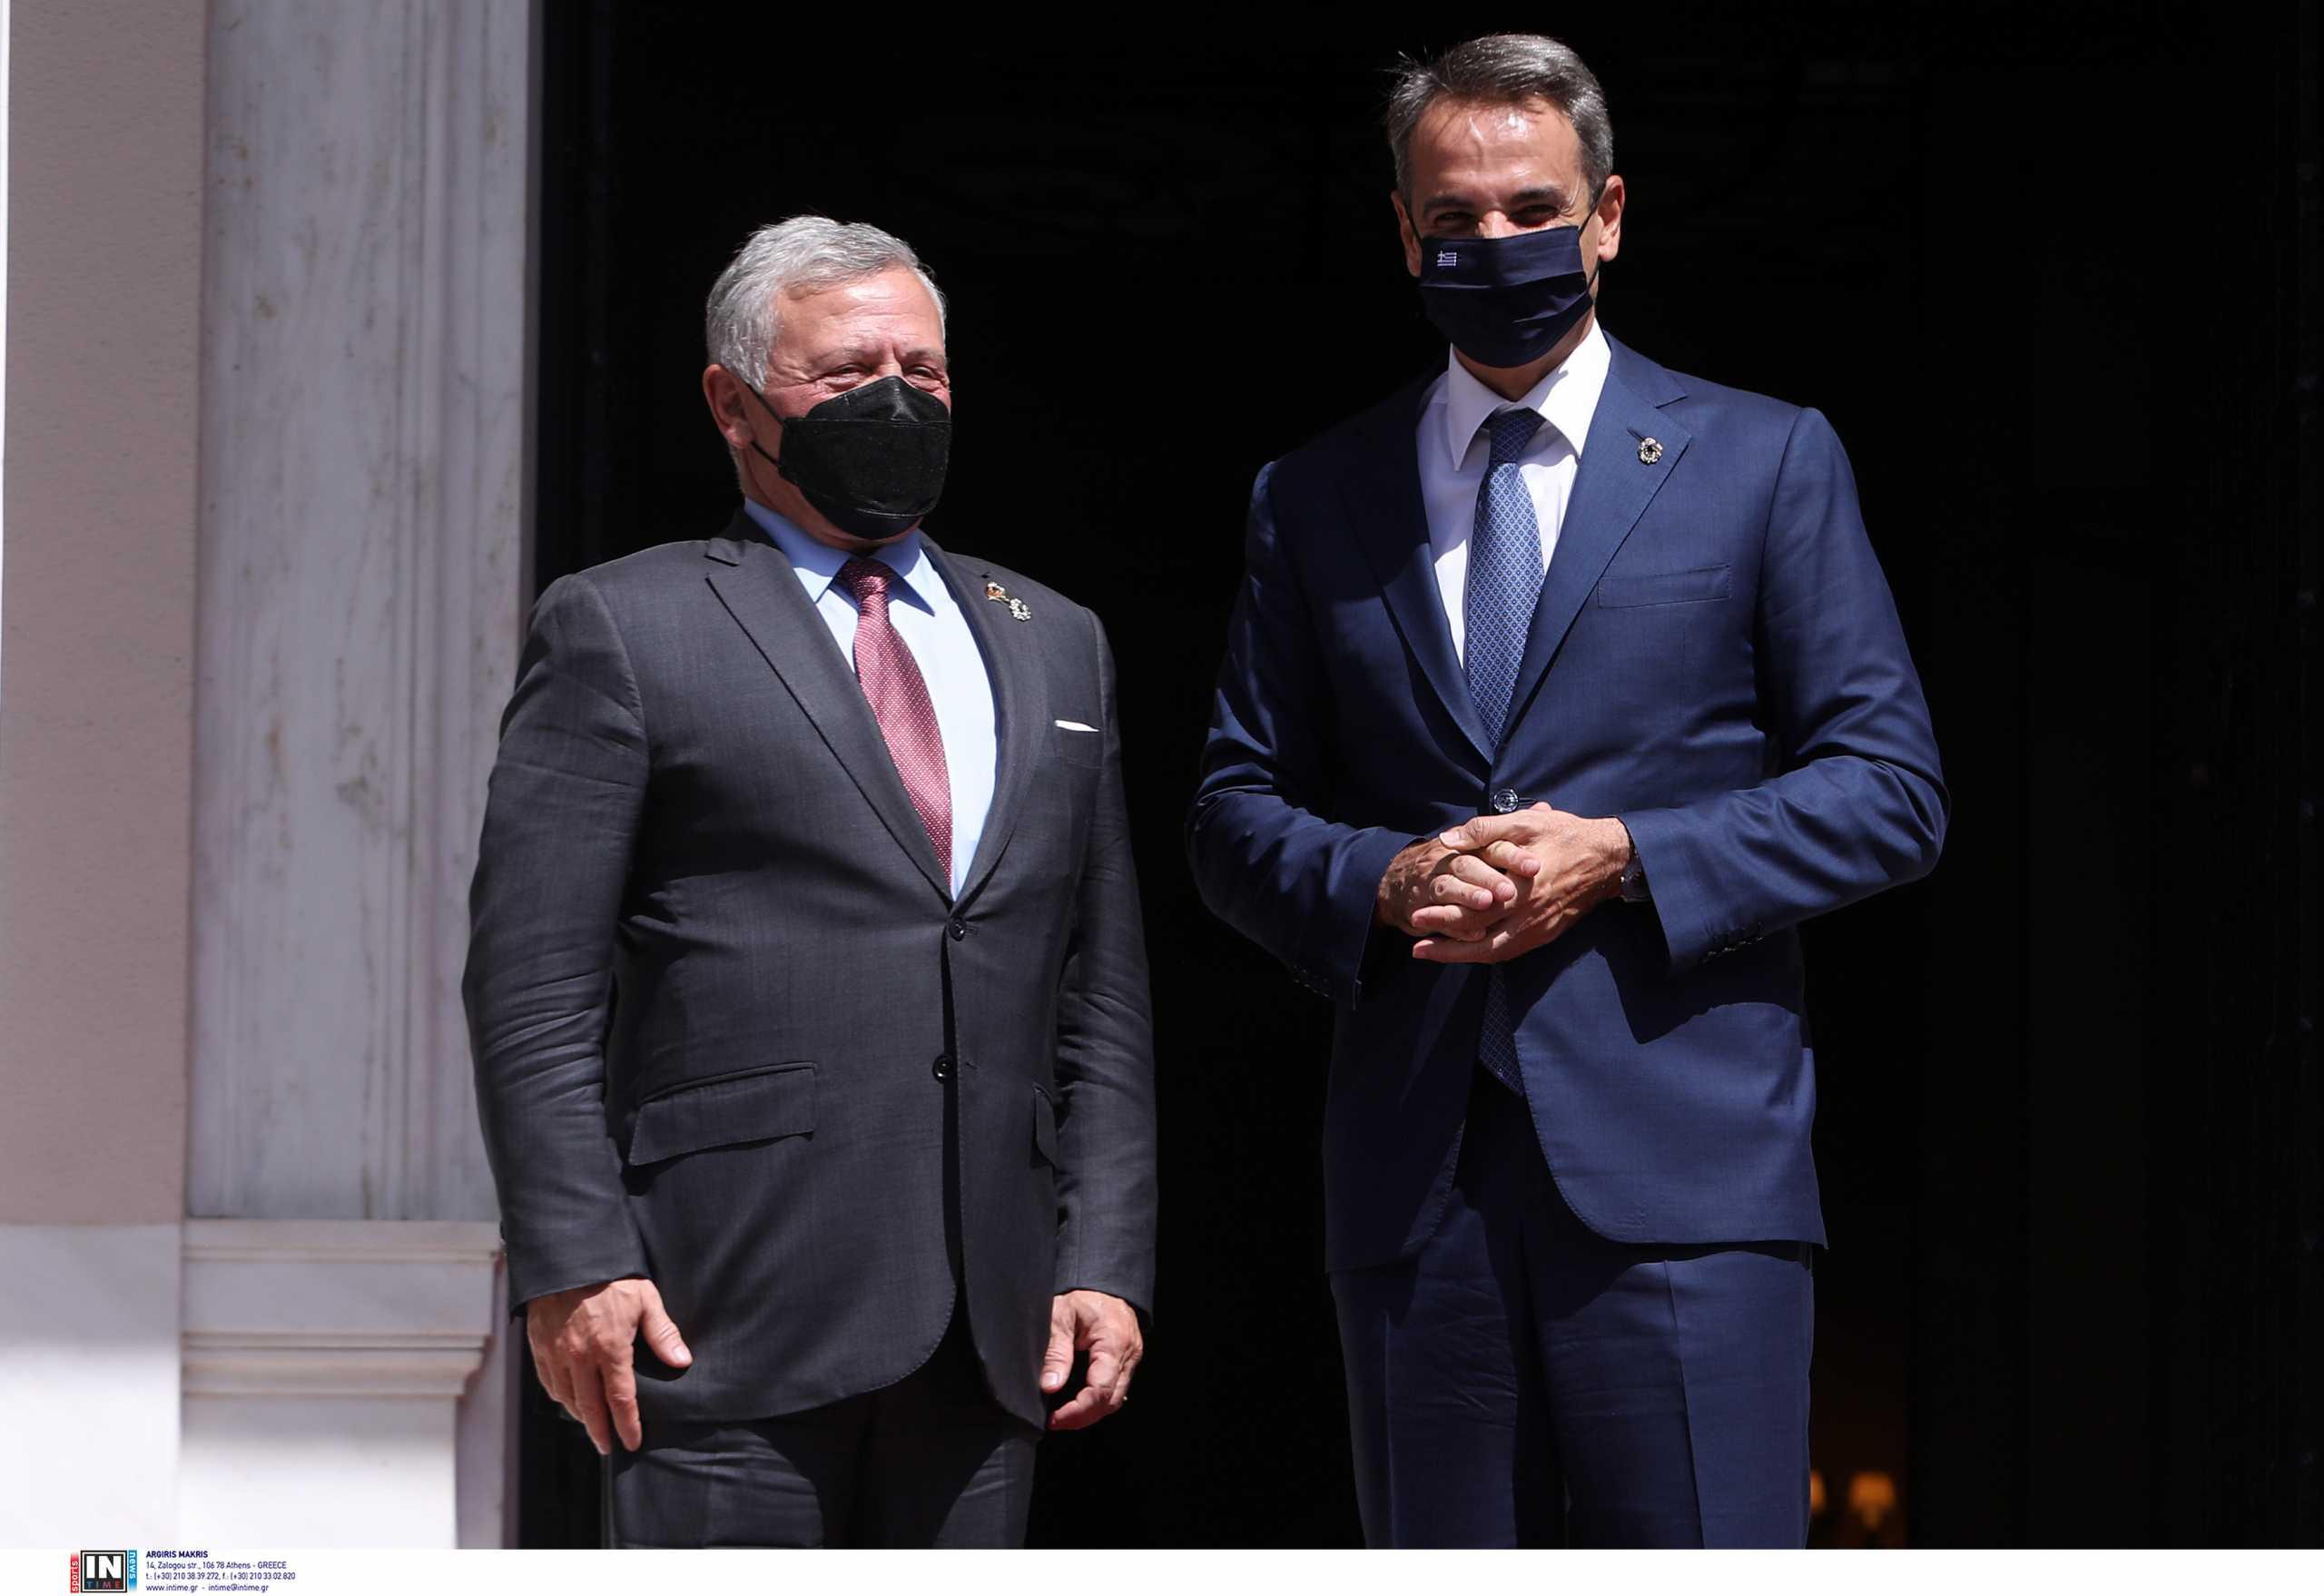 Κυριάκος Μητσοτάκης σε βασιλιά Ιορδανίας: Η Ελλάδα δωρίζει 150.000 εμβόλια κατά του κορονοϊού